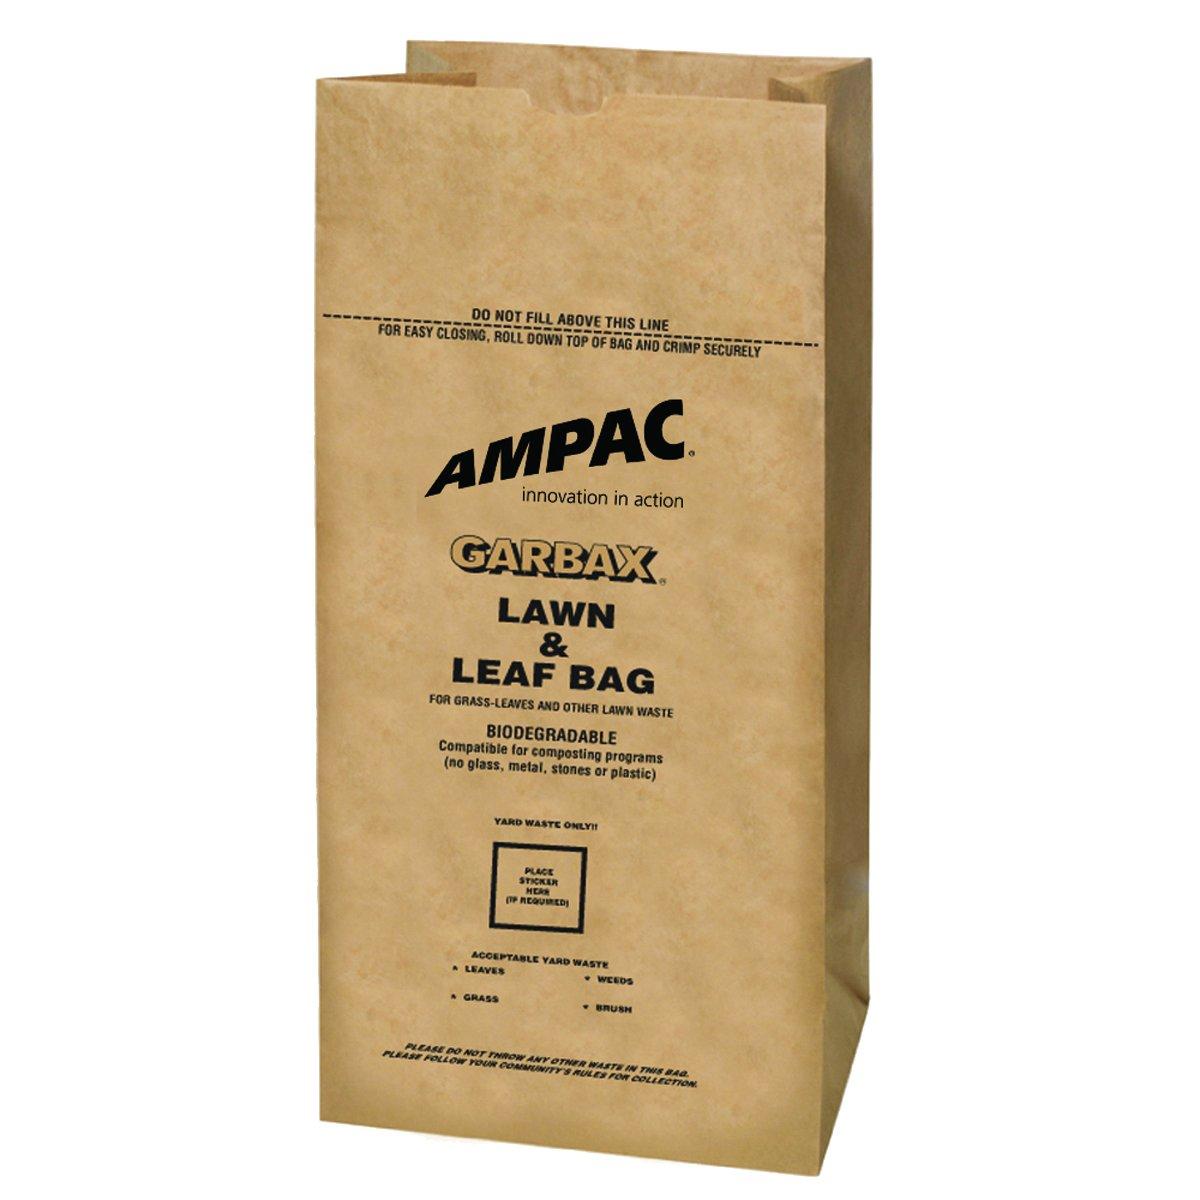 Ampac Paper Lawn Refuse Bag (5 Pack)